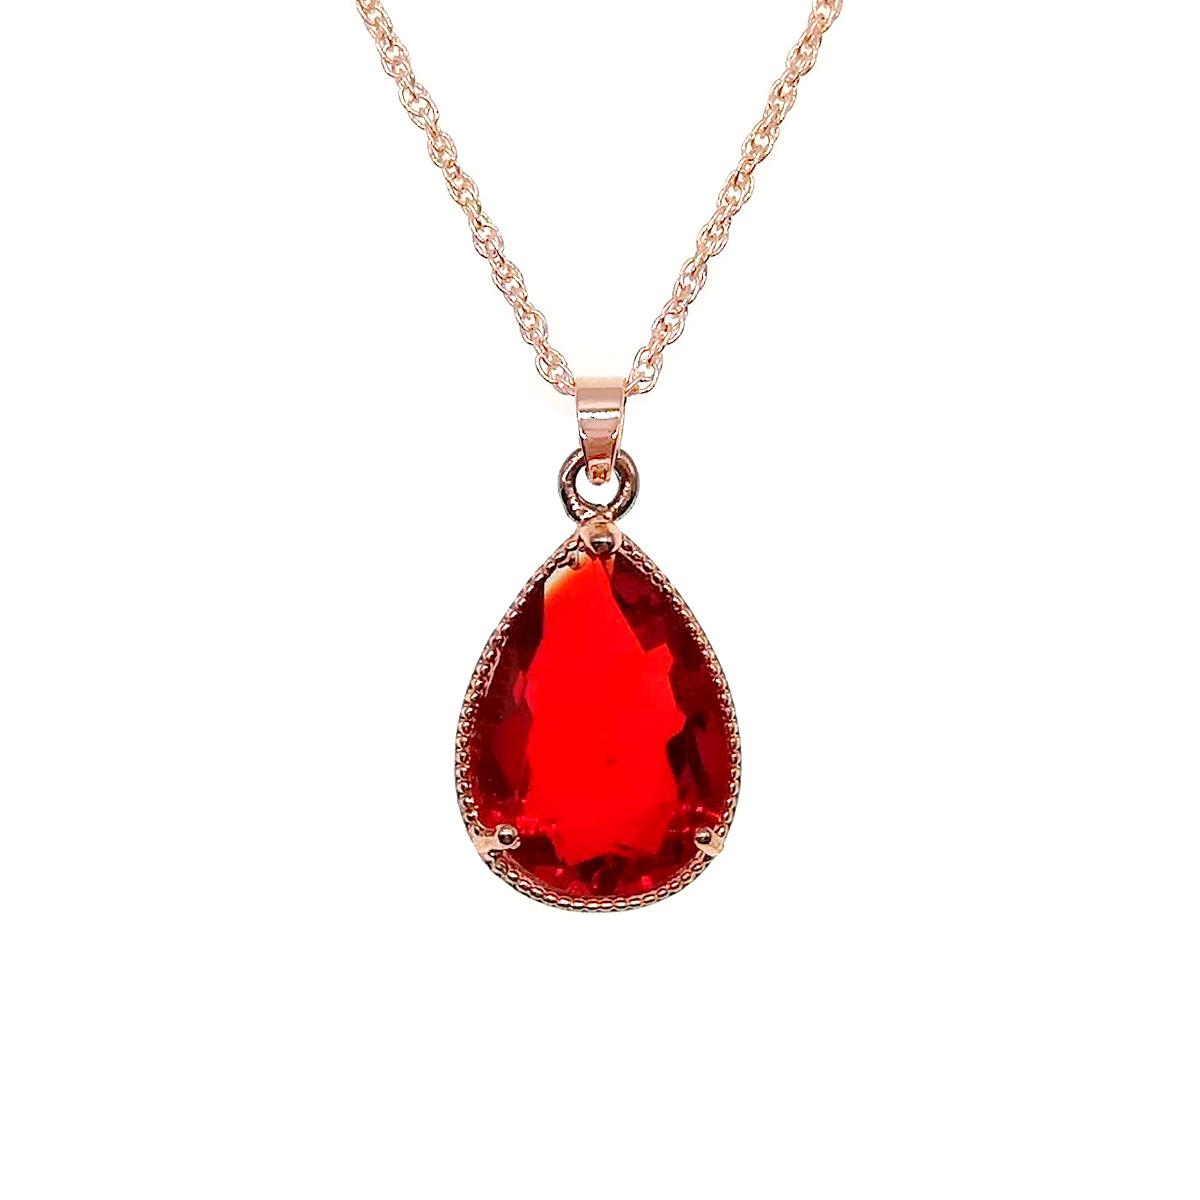 Подвеска на цепочке SONATA из медицинского золота, красный фианит, позолота PO, 41948             (1)